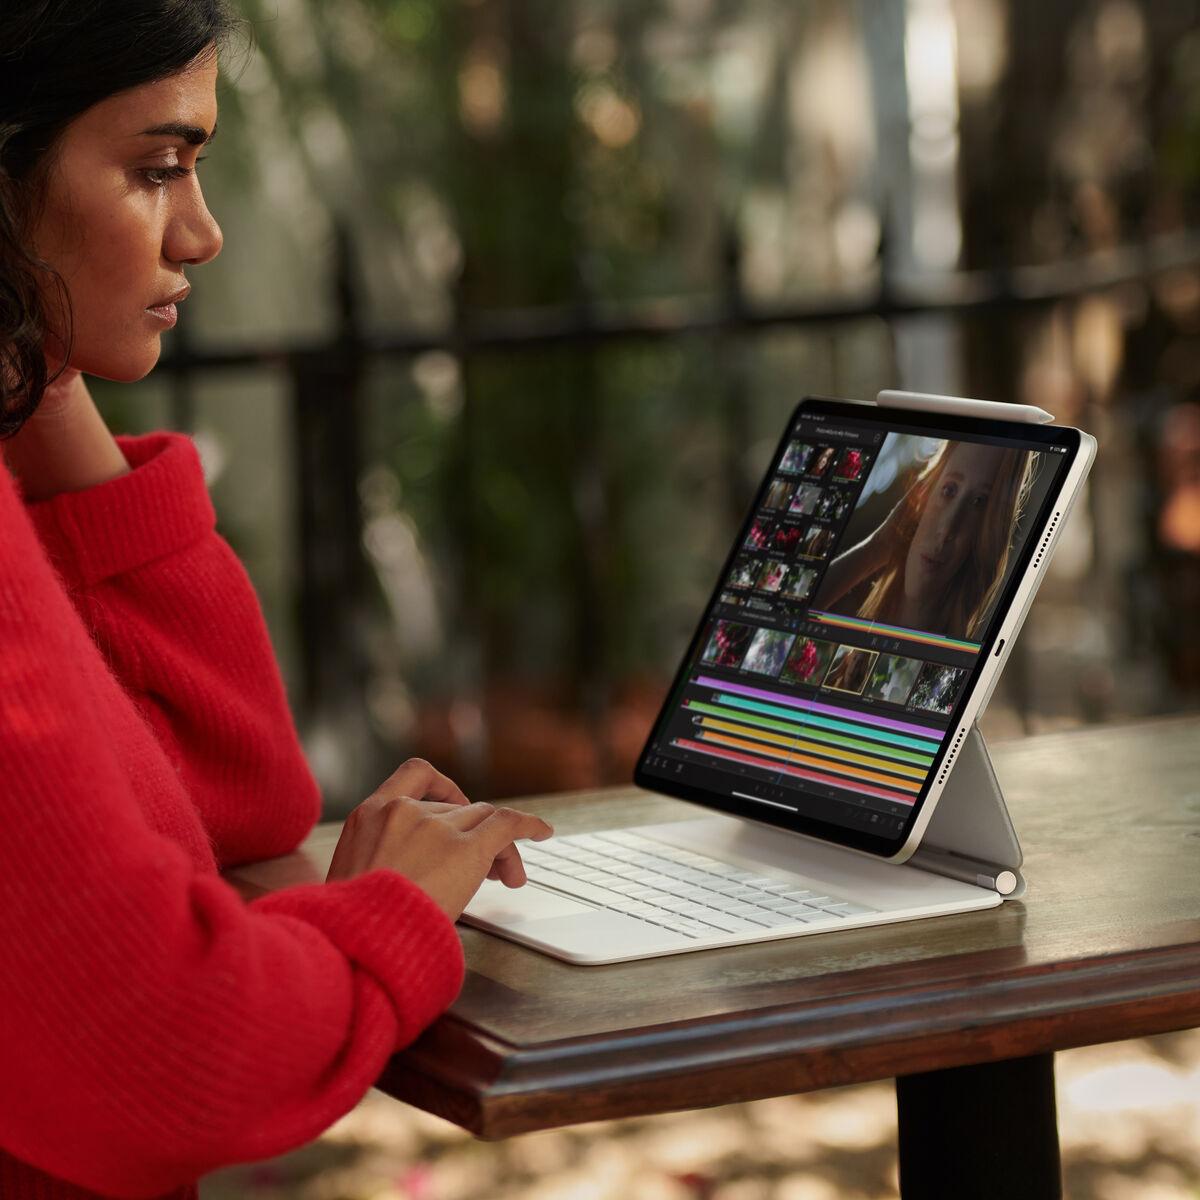 """Apple iPad Pro 11"""" Wiu00 Fi + Cellular; M1 chip, 128GB ..."""